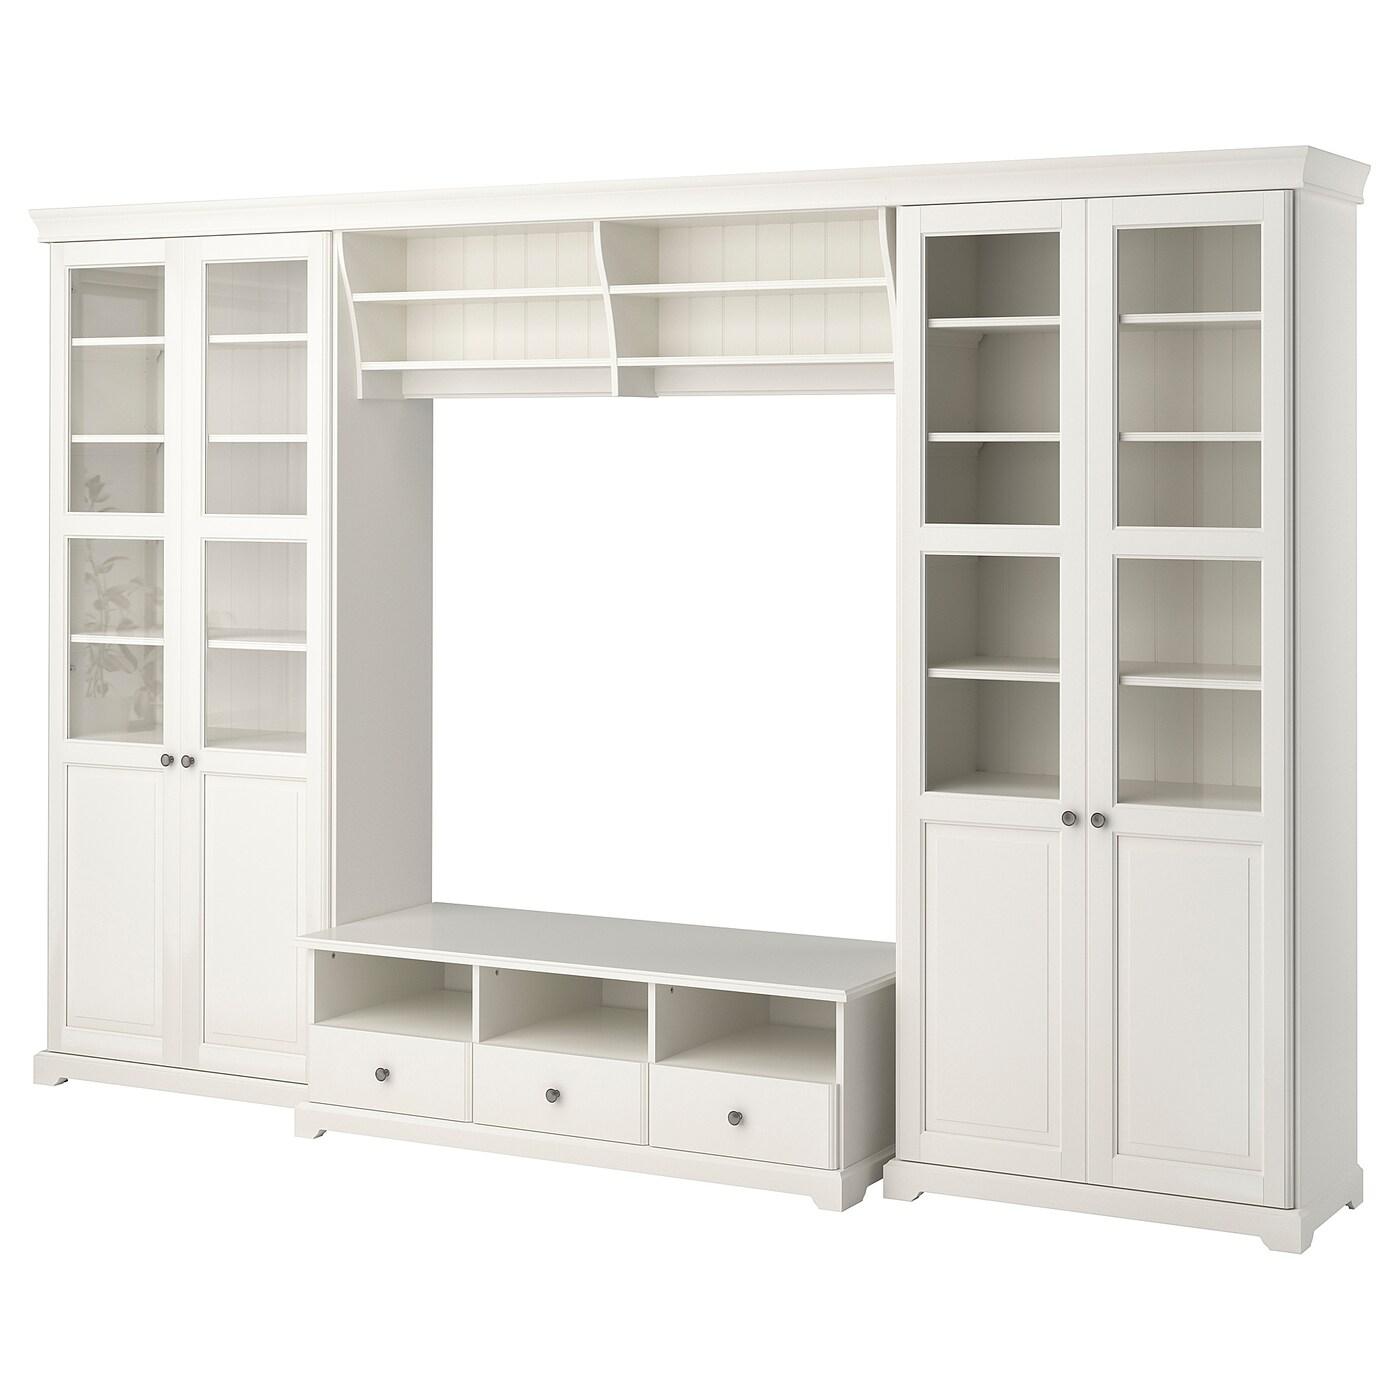 liatorp combinaison meuble tv blanc 332x214 cm